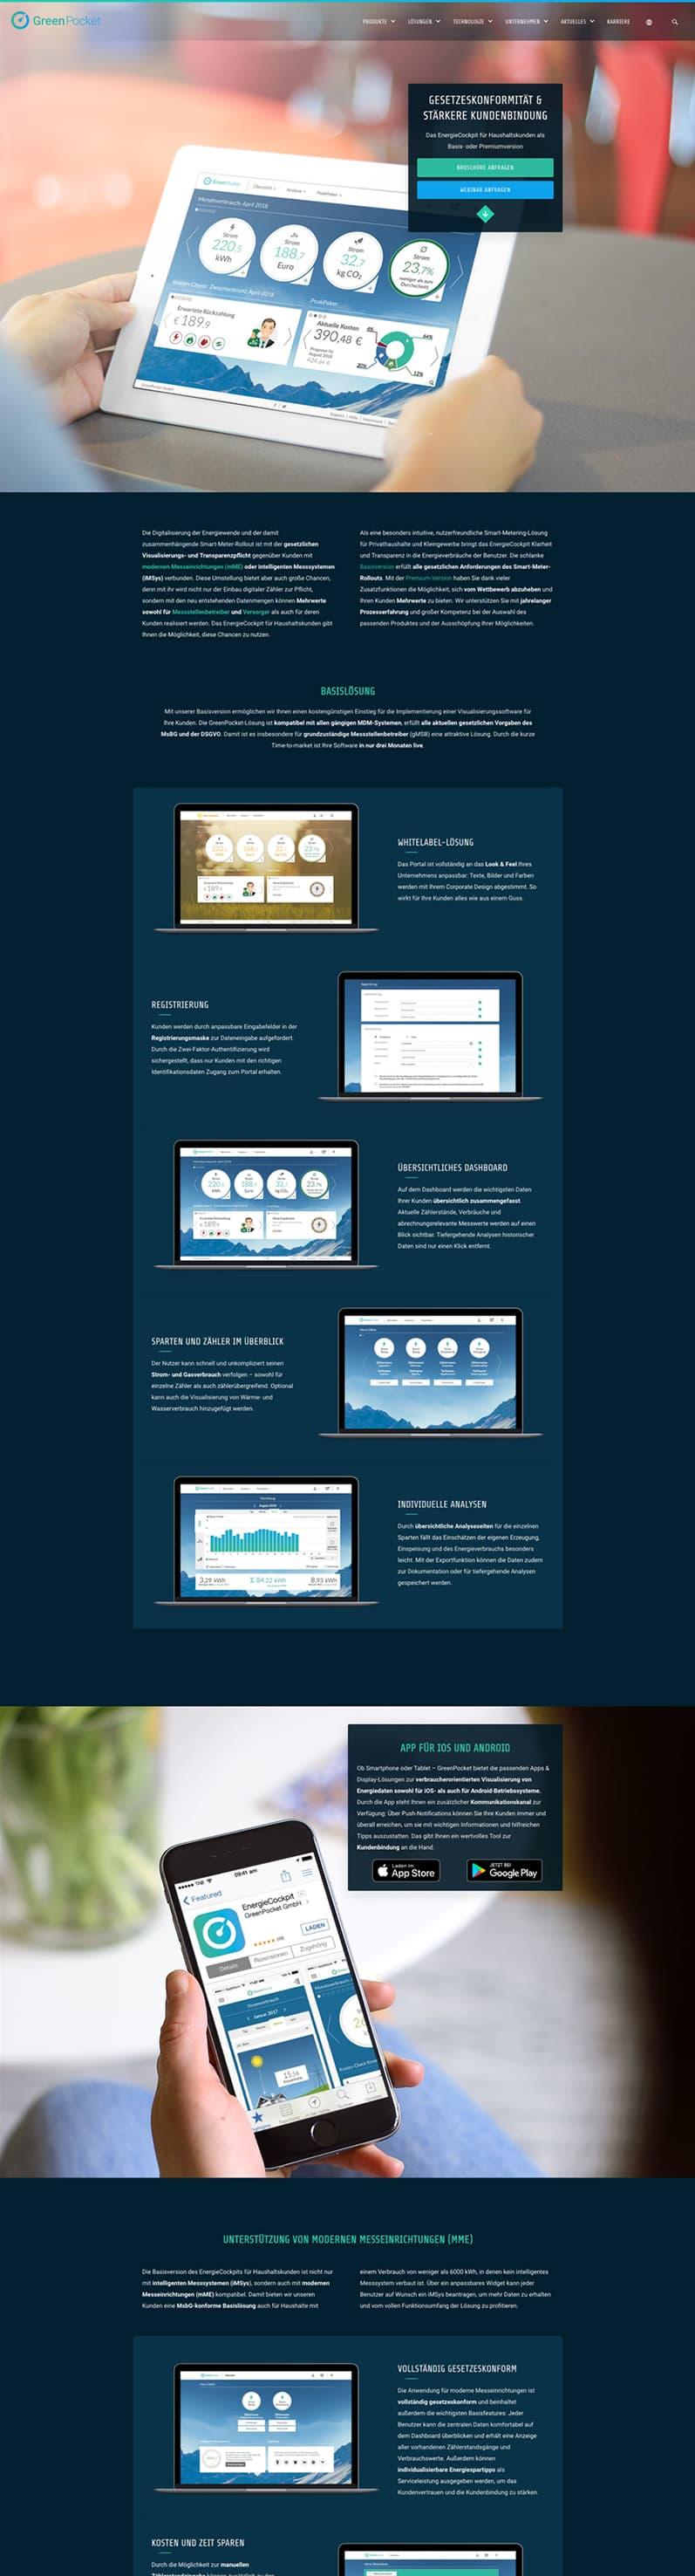 Startseite Webflow Website - GreenPocket